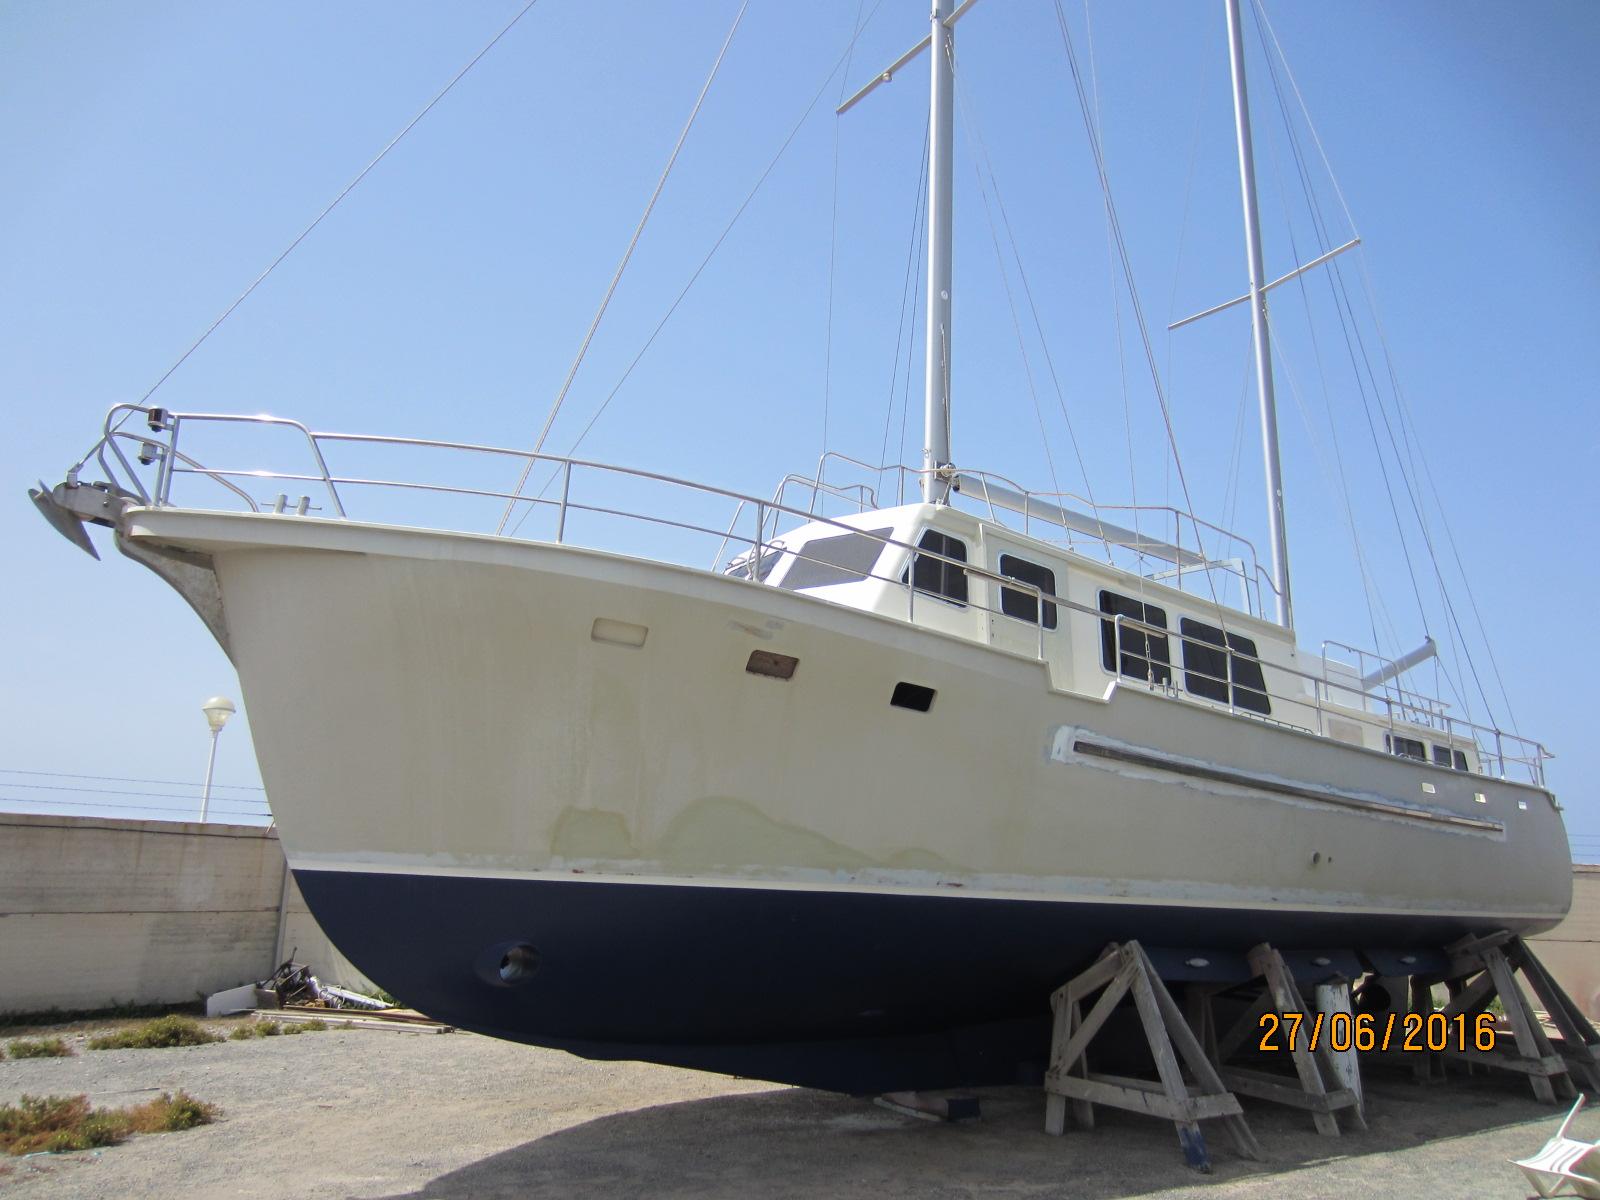 Steel Motor Sailer Yacht - impremedia.net